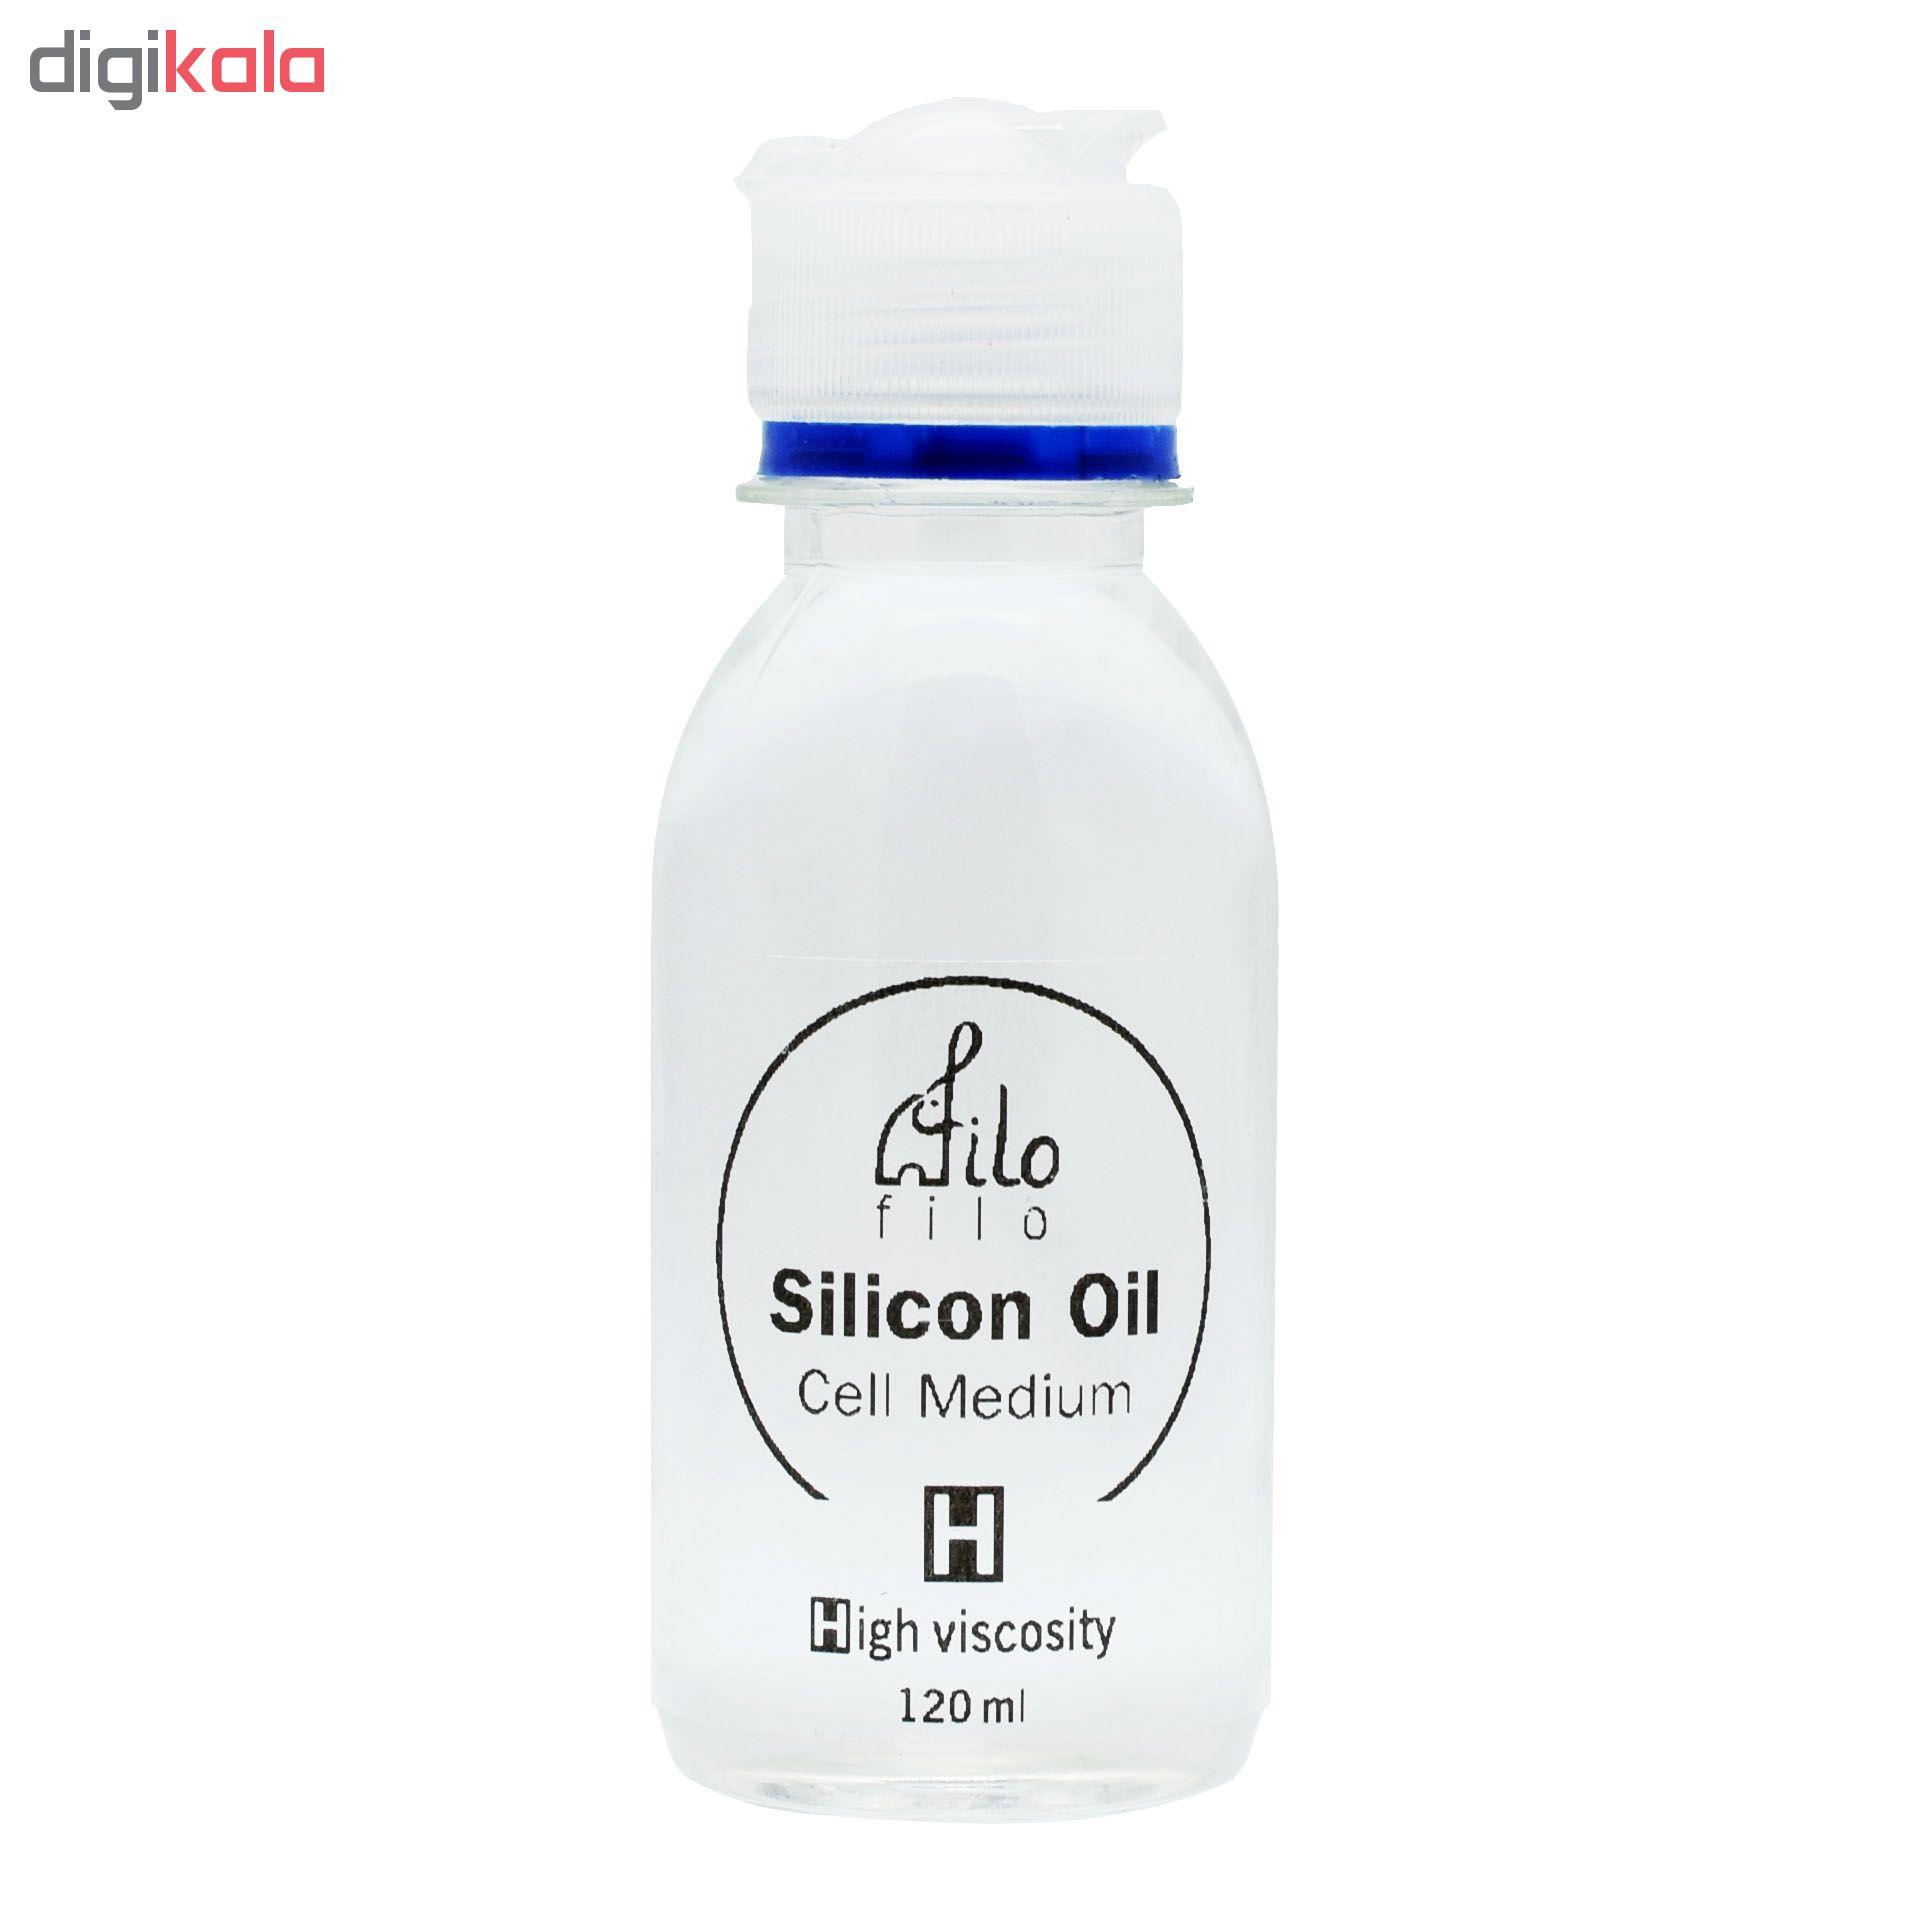 قیمت خرید روغن سیلیکون فیلو مدل Cell Medium H حجم 120 میلیلیتر اورجینال